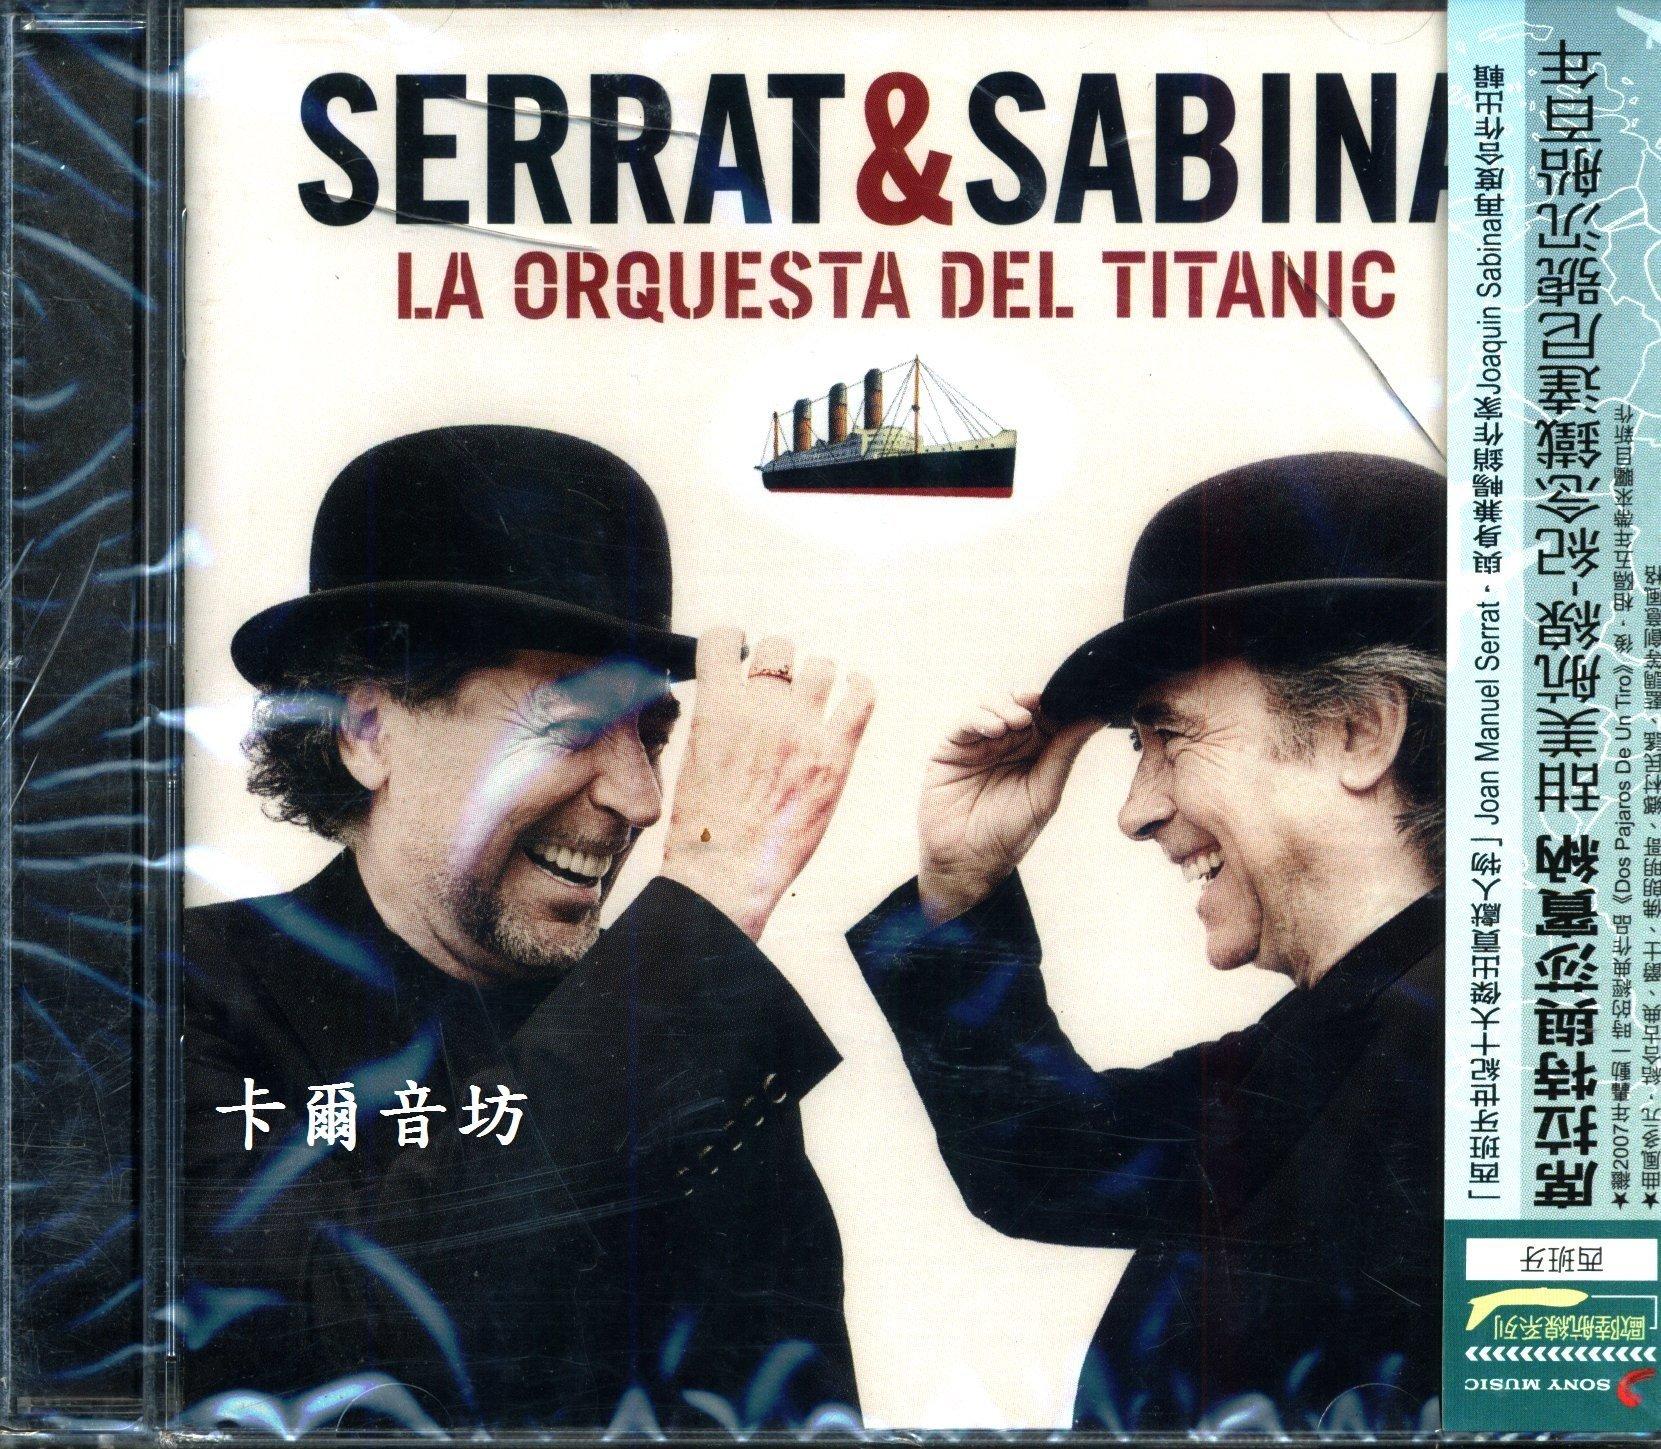 [卡爾音坊]席拉特與莎賓納_SERRAT  SABINA_甜美航線_ 鐵達尼號沈船百年(新力唱片- 未拆)